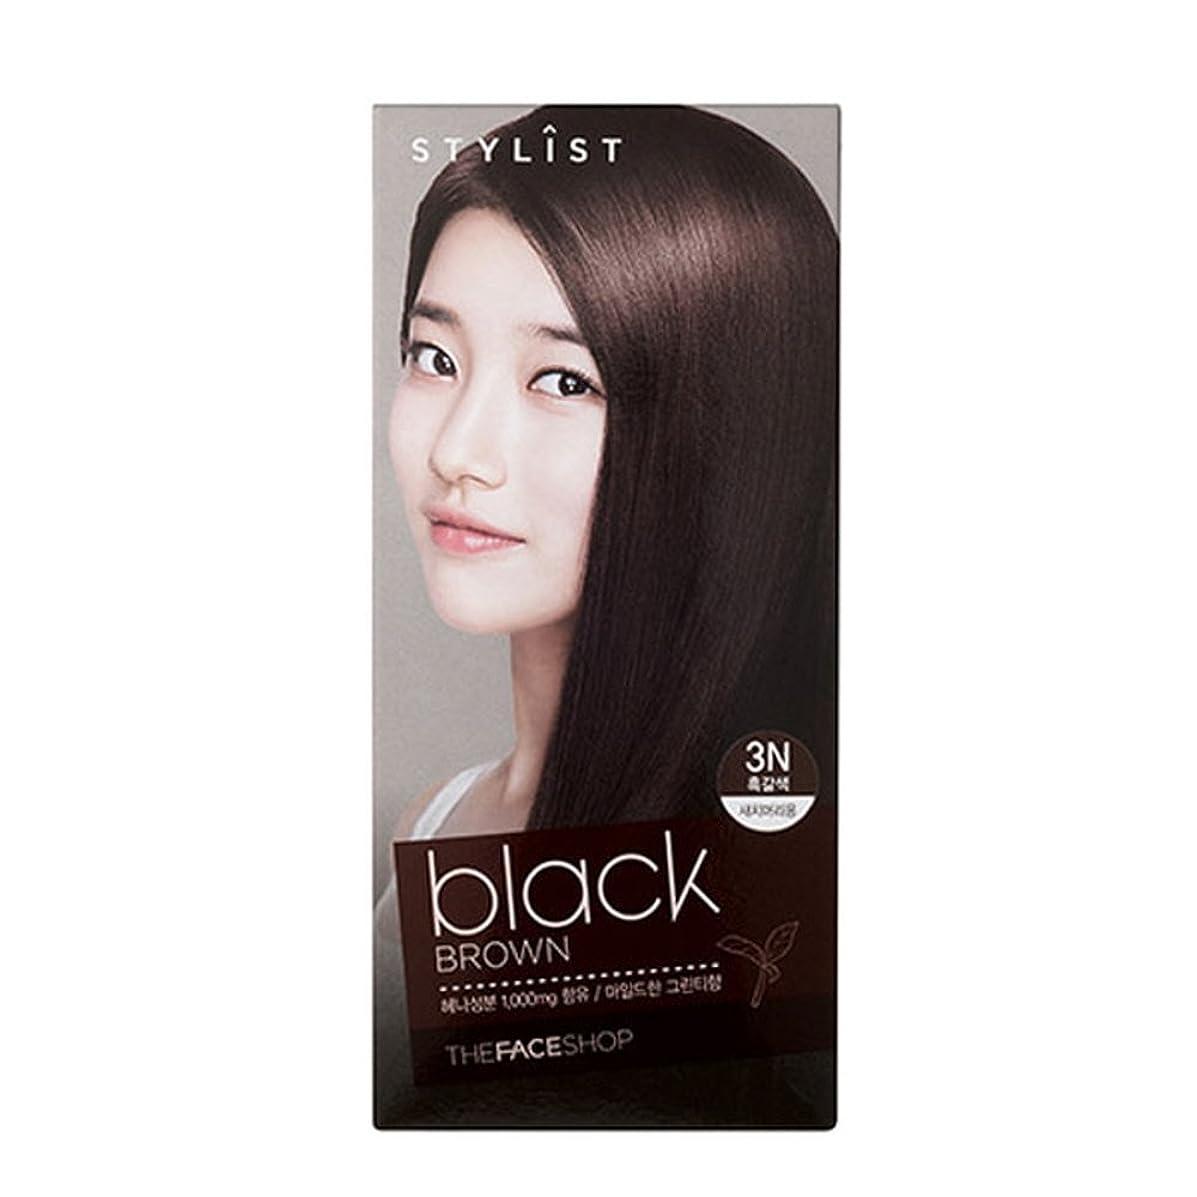 たっぷり接続スプーン[ザフェイスショップ The Face Shop] Stylist Silky Hair Dye Color Cream Black Brown